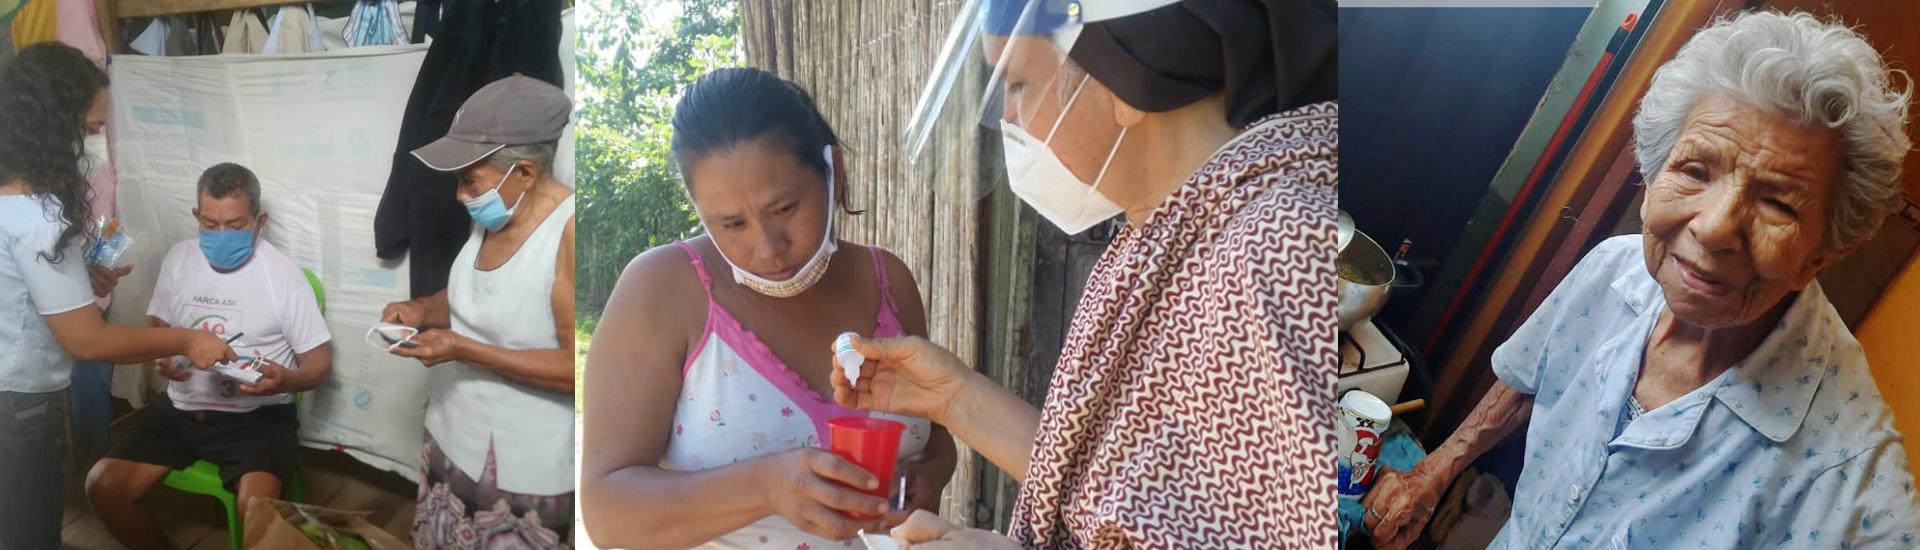 La solidaridad salesiana salva la vida de más de 700 personas de comunidades humildes de Perú durante la pandemia